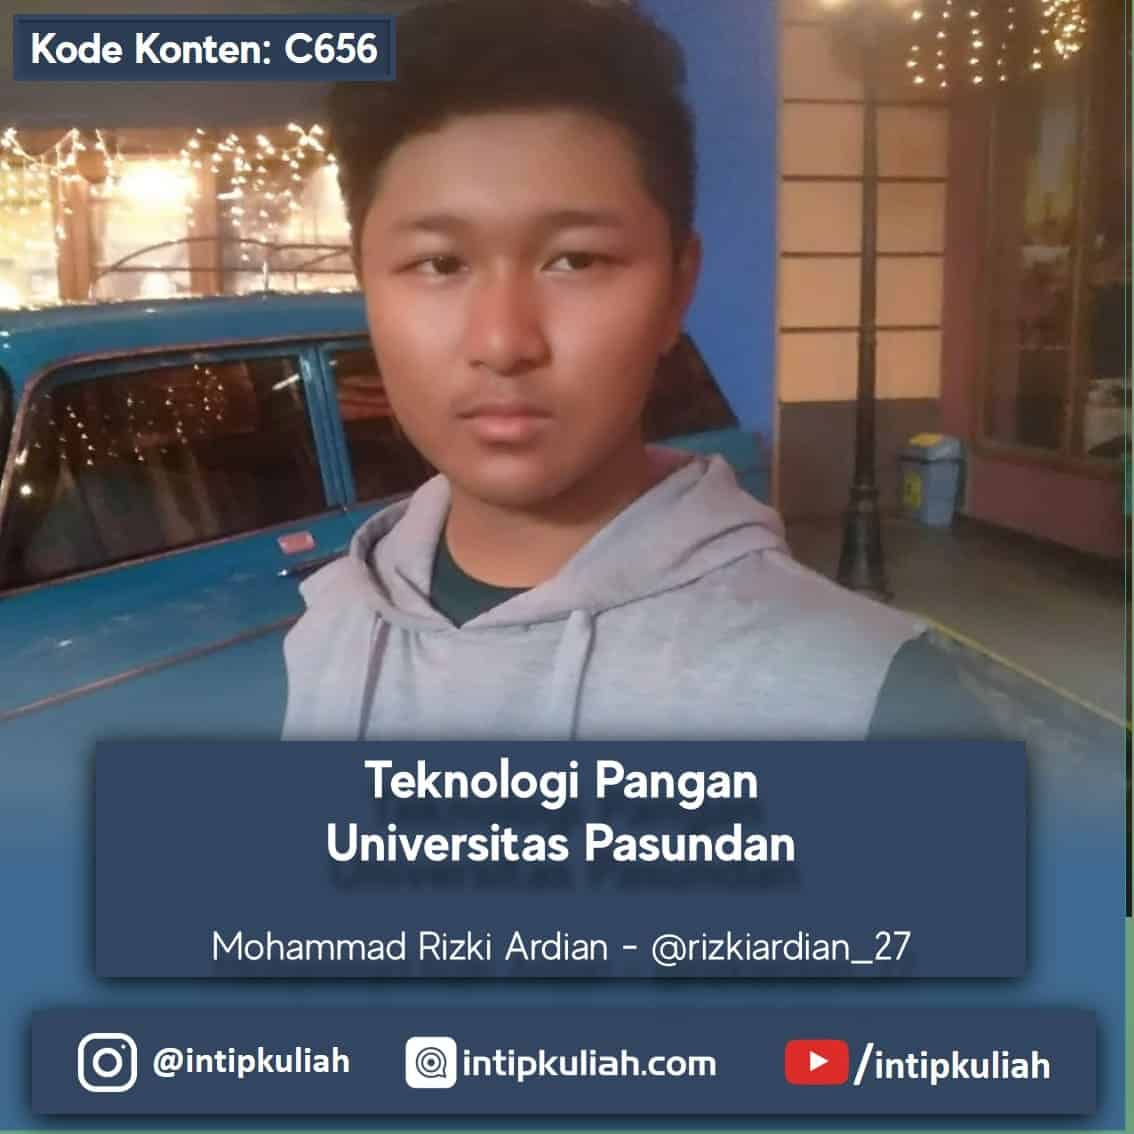 Teknologi Pangan Universitas Pasundan (Rizki)